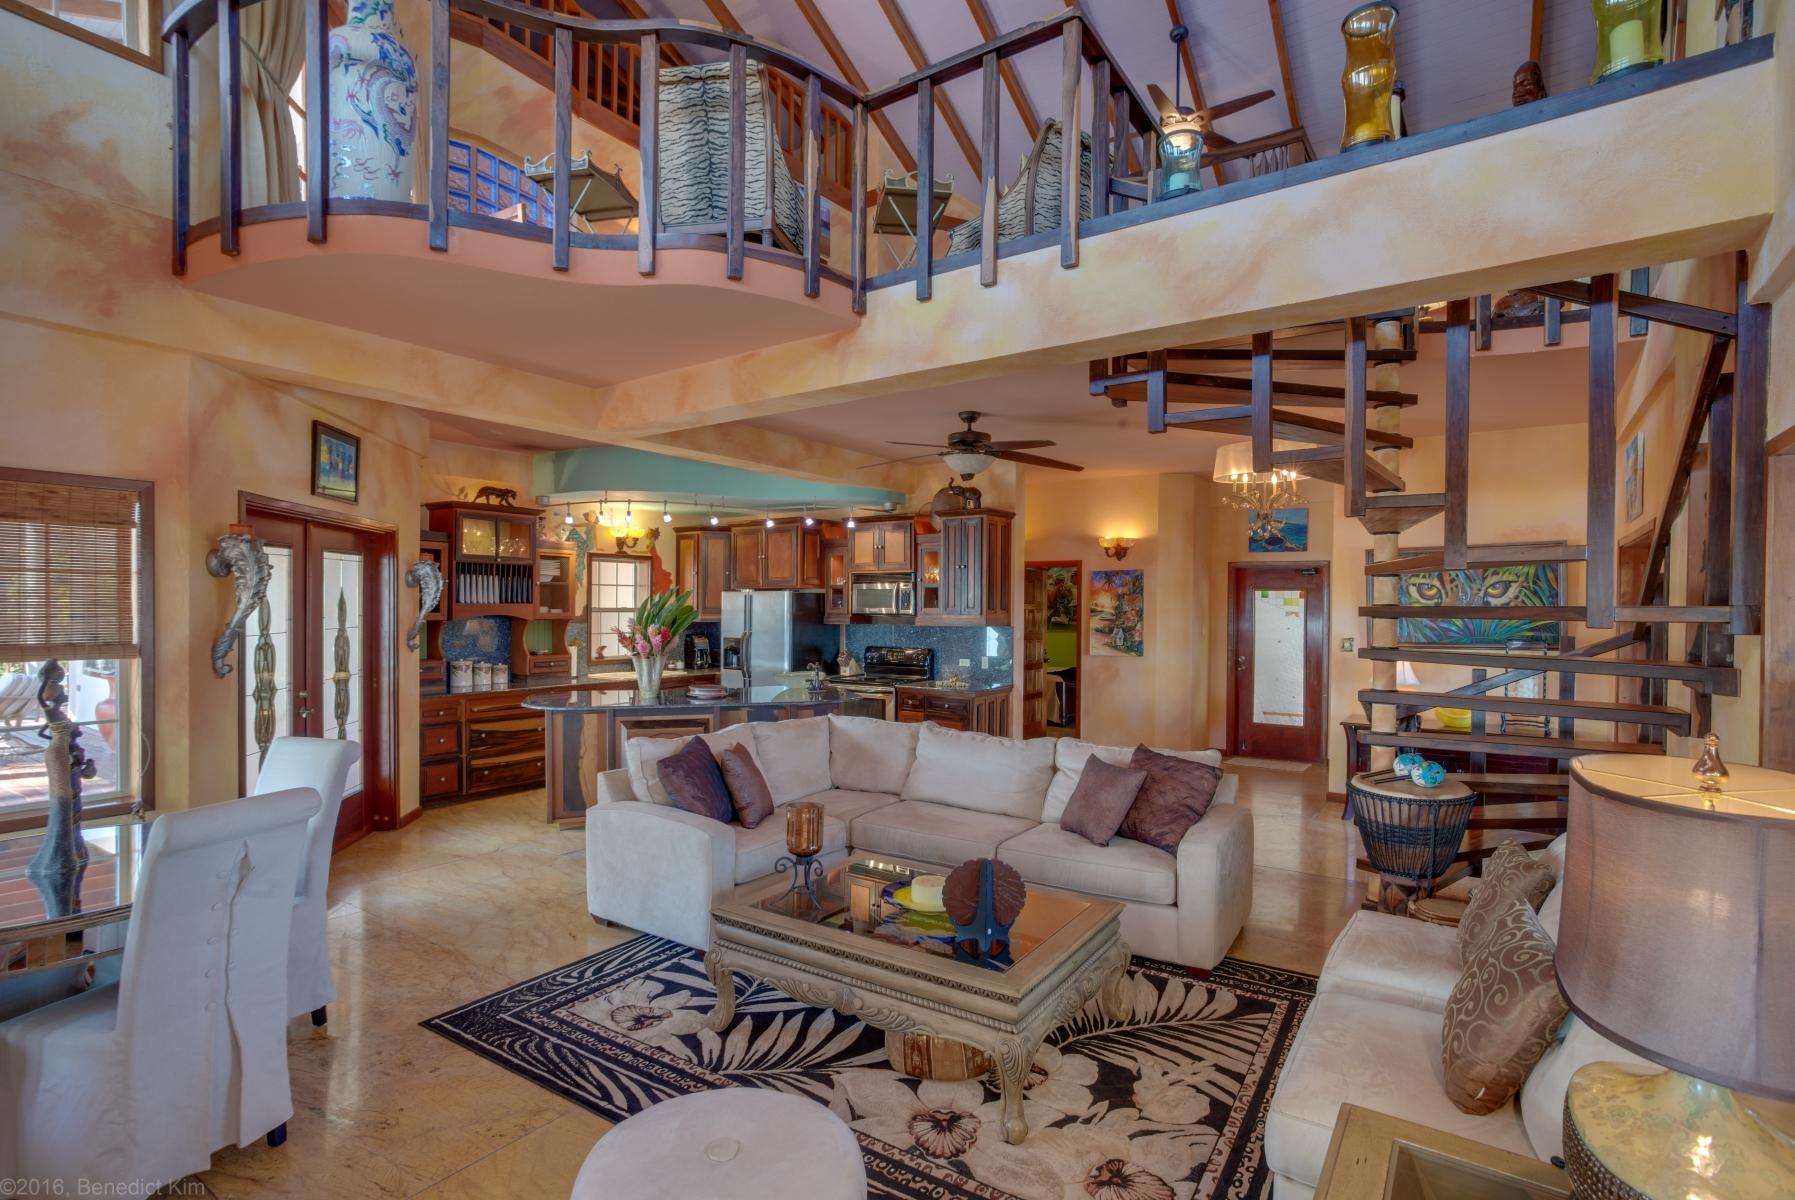 Ben-Kim-21-LR-Full-to-Front-Door-Ben-Kim-Chabil-Mar-Resort-Belize.jpg